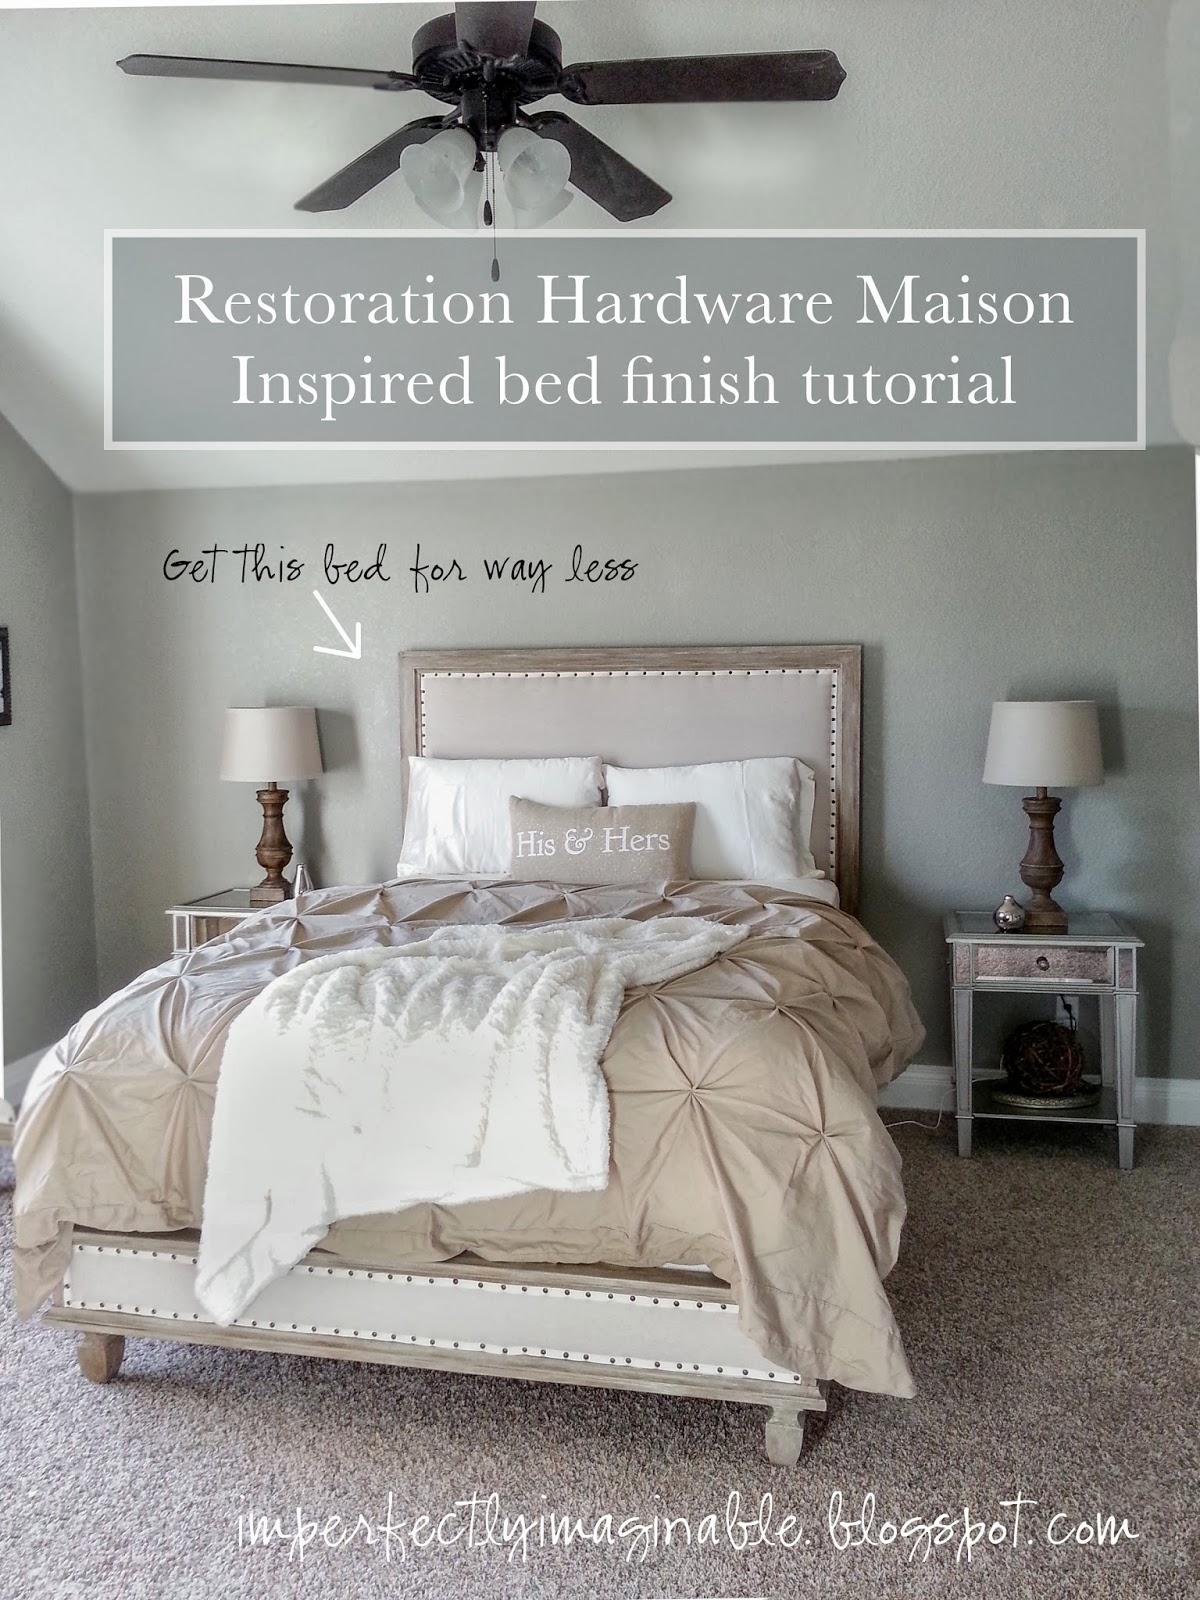 Imperfectly Imaginable : Restoration Hardware Finish